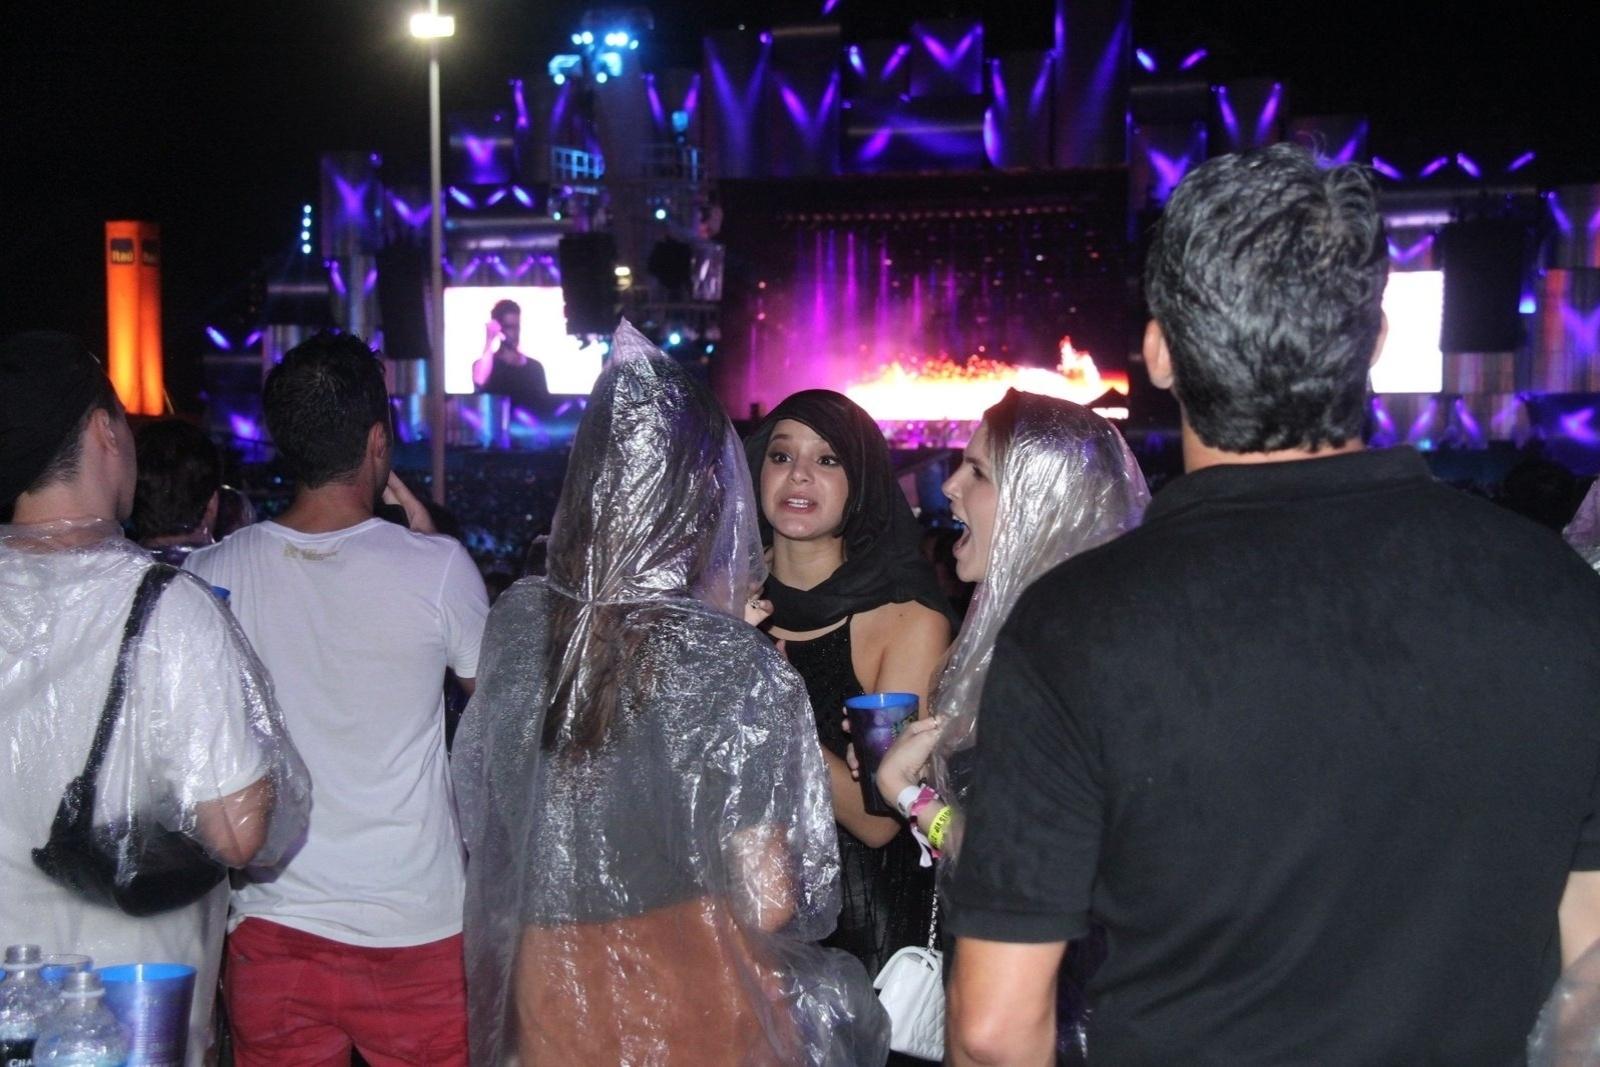 27.set.2015 - Em dia de chuva no Rock in Rio, Bruna Marquezine improvisa capa com casaco para curtir show na pista. Ela estava acompanhada por Thaila Ayala (de costas)